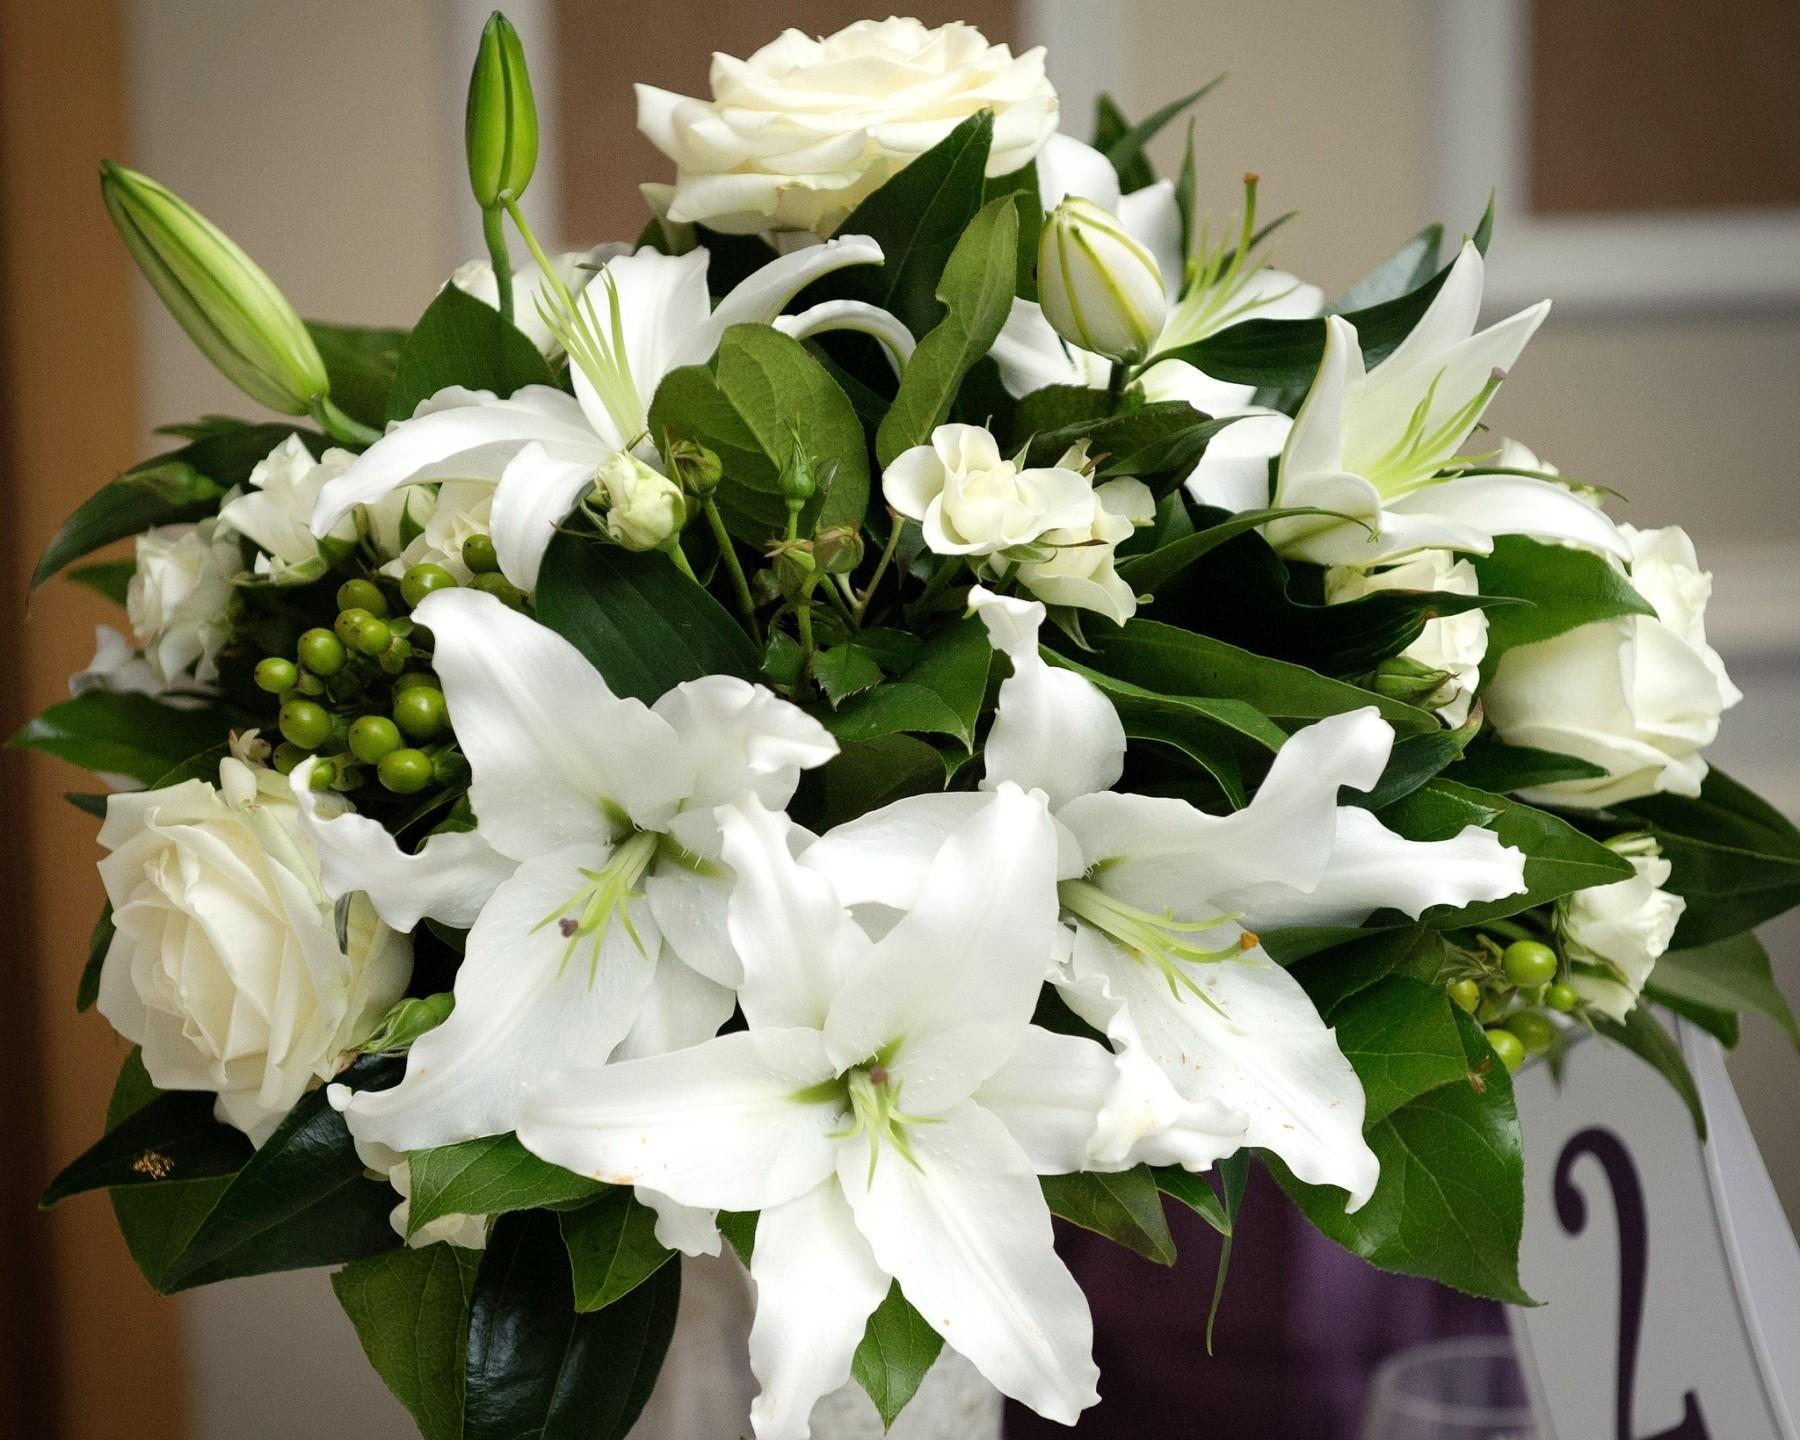 красивый букет цветов фото лилии вновь